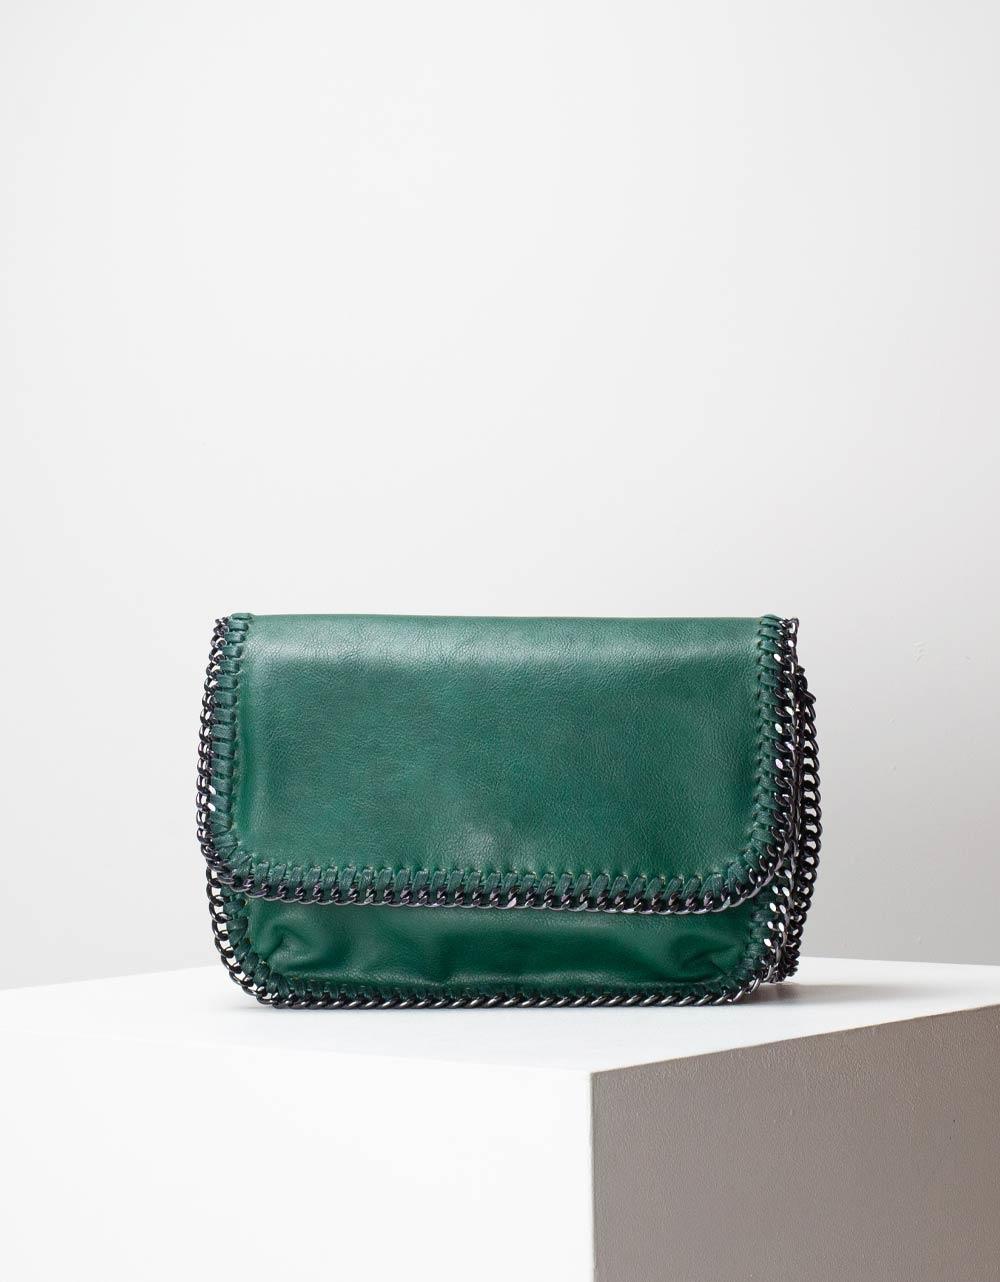 Εικόνα από Γυναικεία τσάντα ώμου & χιαστί με διακοσμητική αλυσίδα Πράσινο